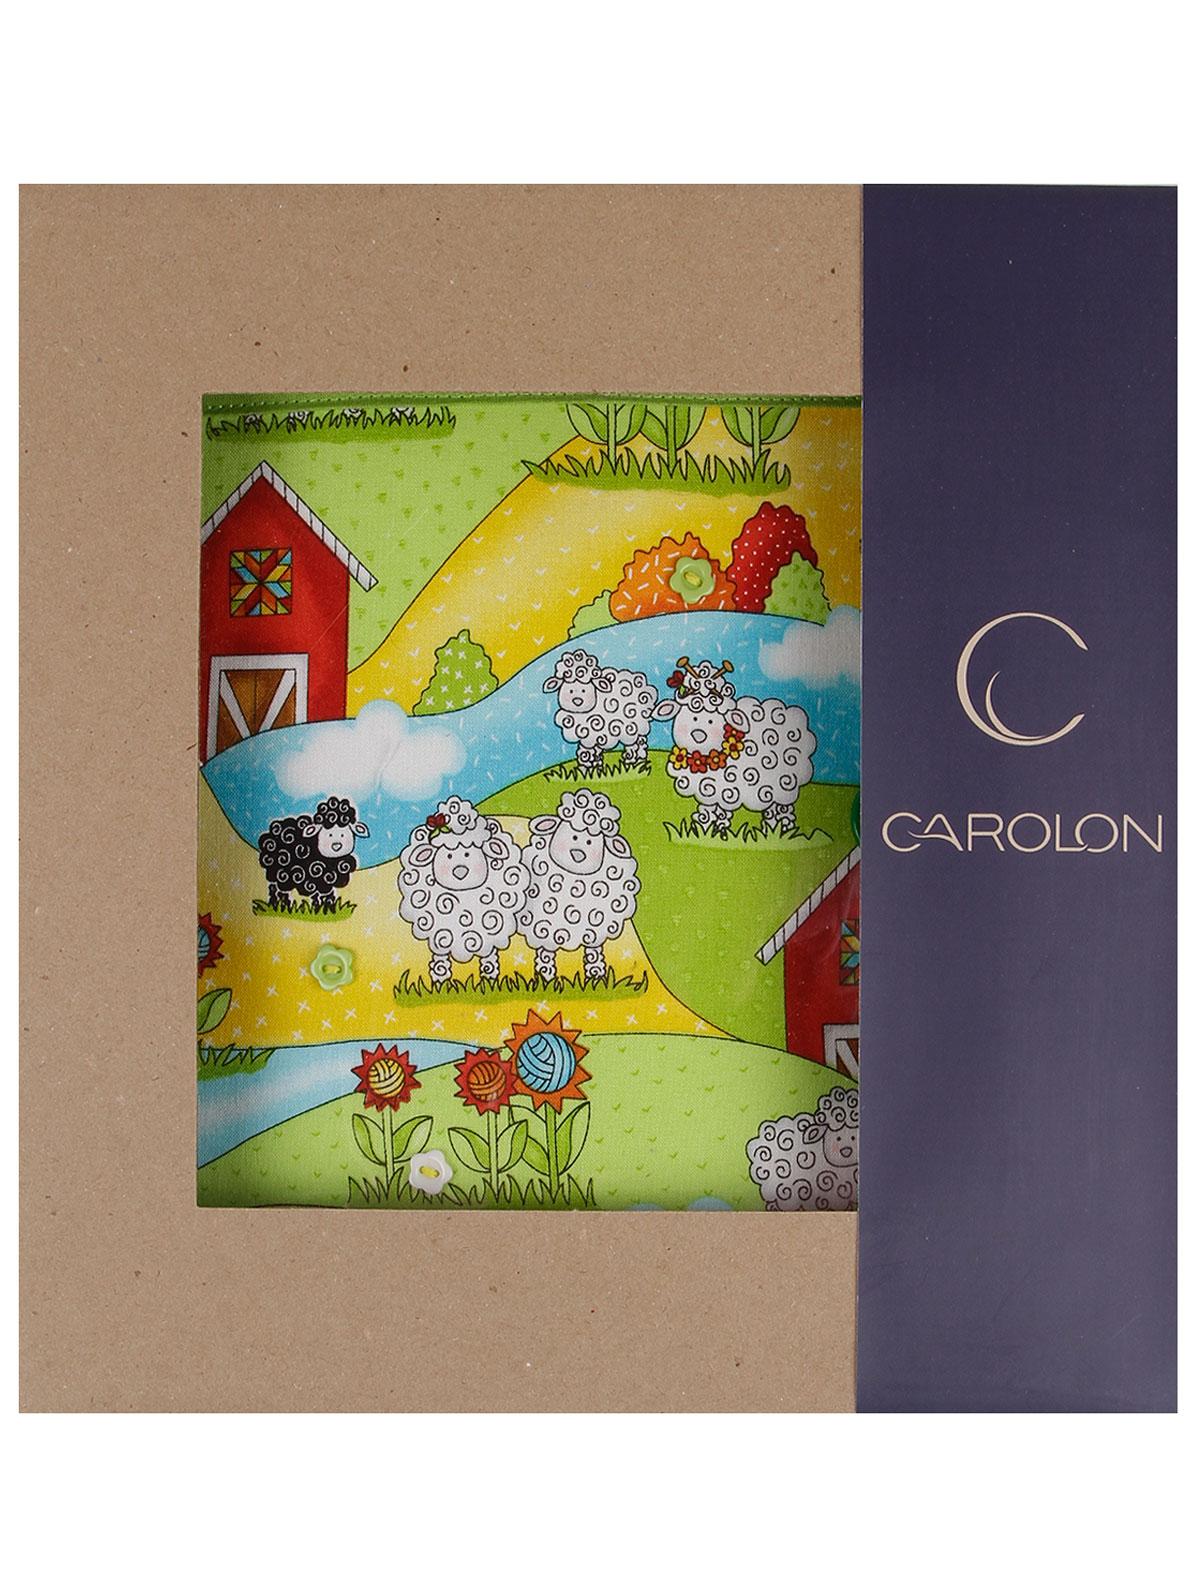 Купить 2146903, Игрушка Carolon, разноцветный, 7132520980487